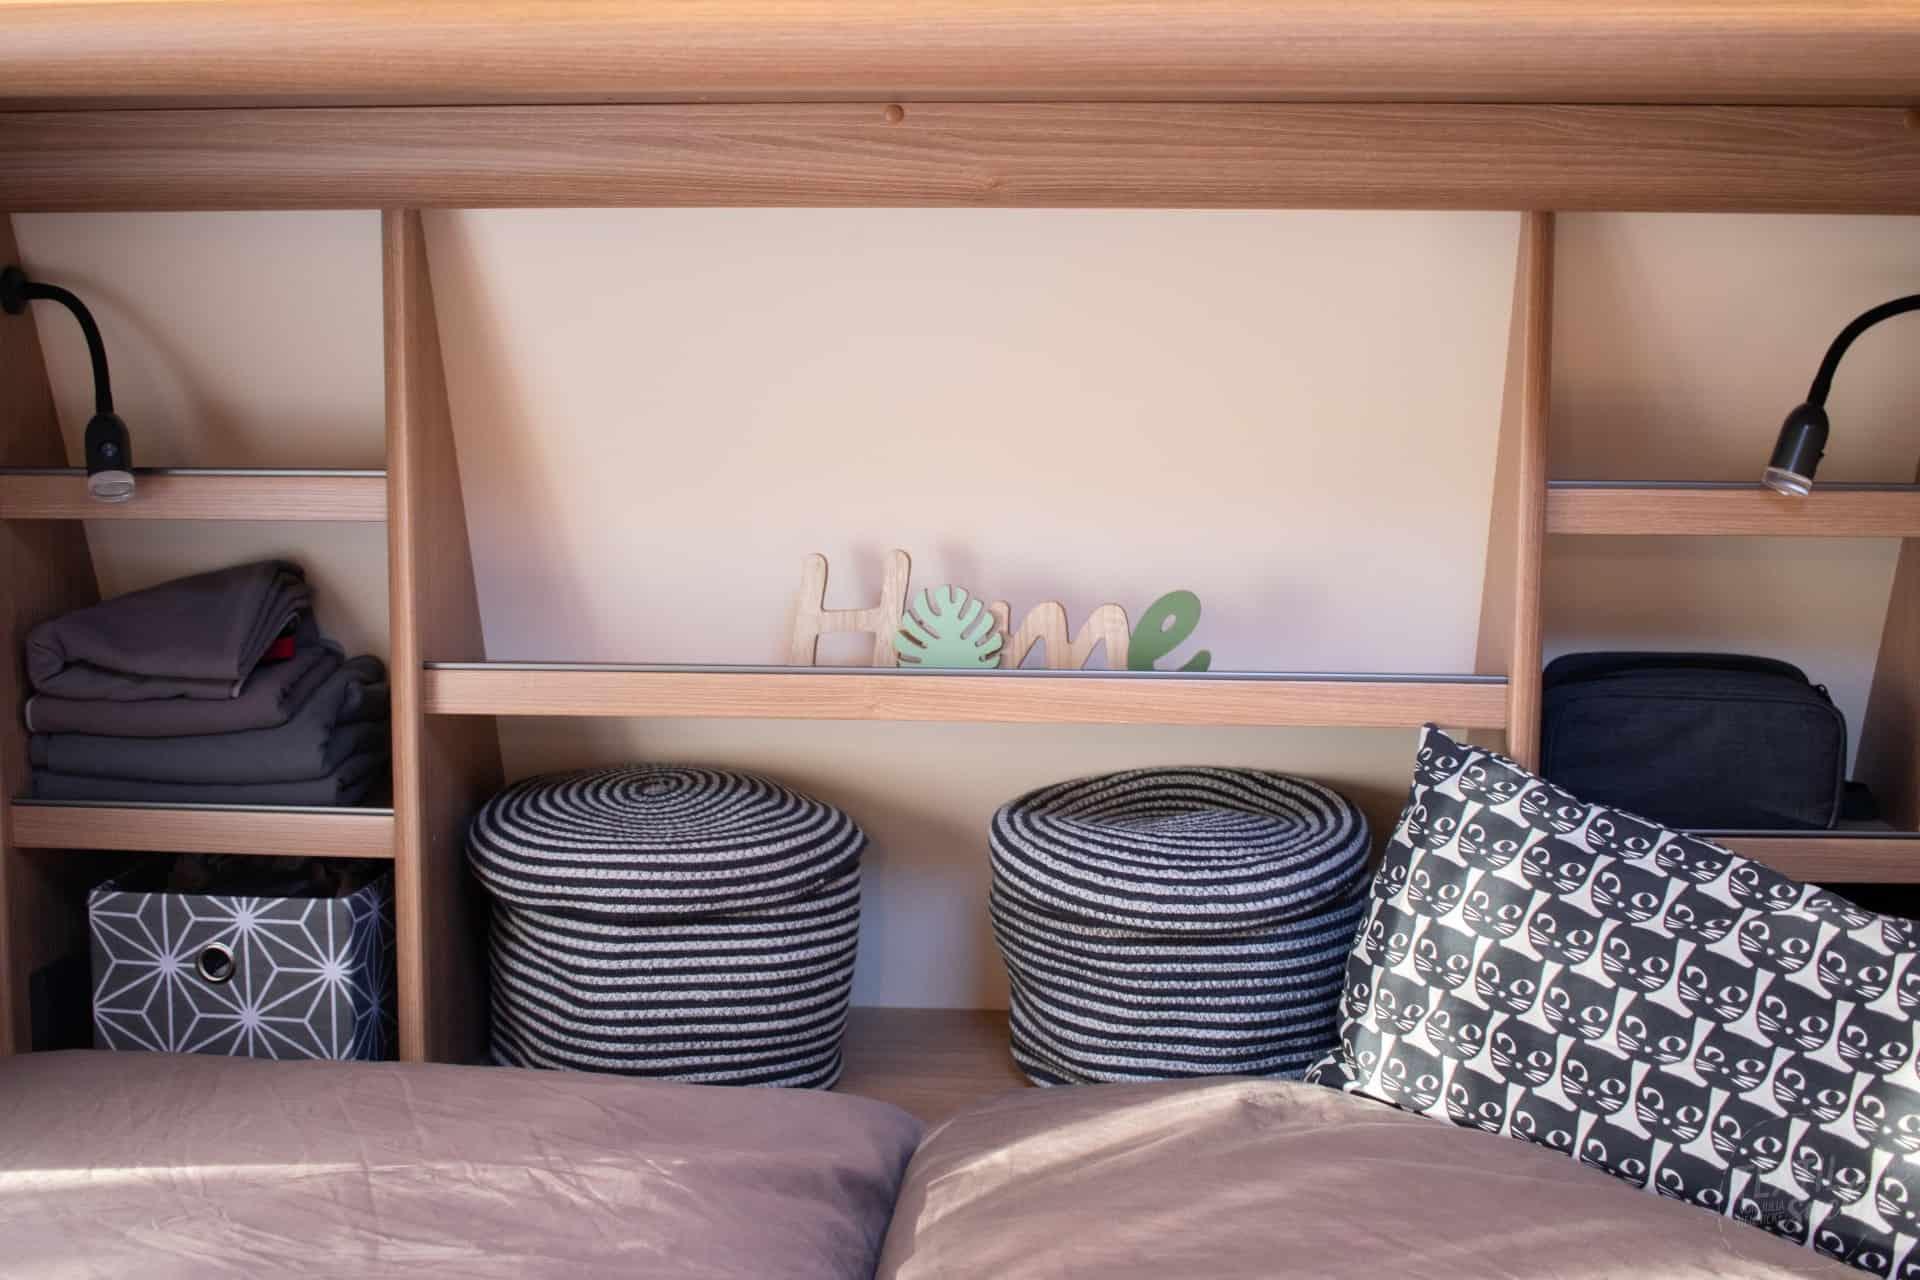 Fendt Etagenbett Kinderzimmer : Fendt etagenbett wohnwagen angebote bei mobile kaufen